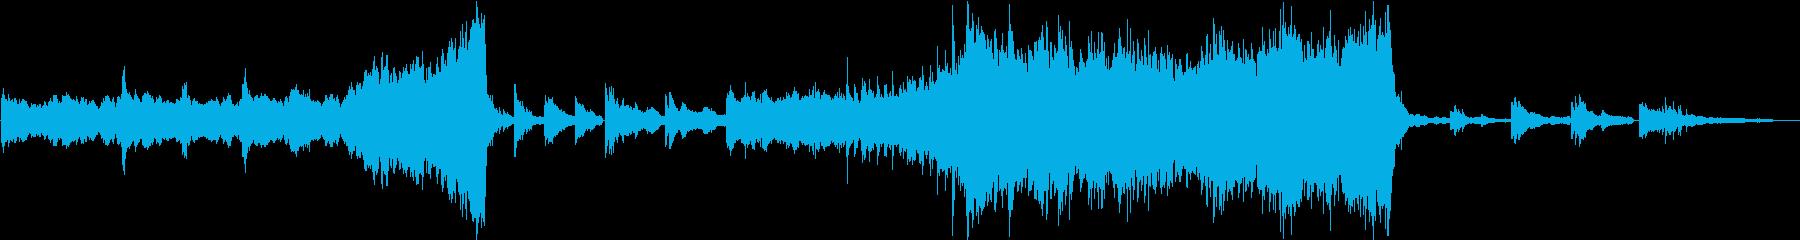 静寂から展開する少し切なく壮大なオケ楽曲の再生済みの波形